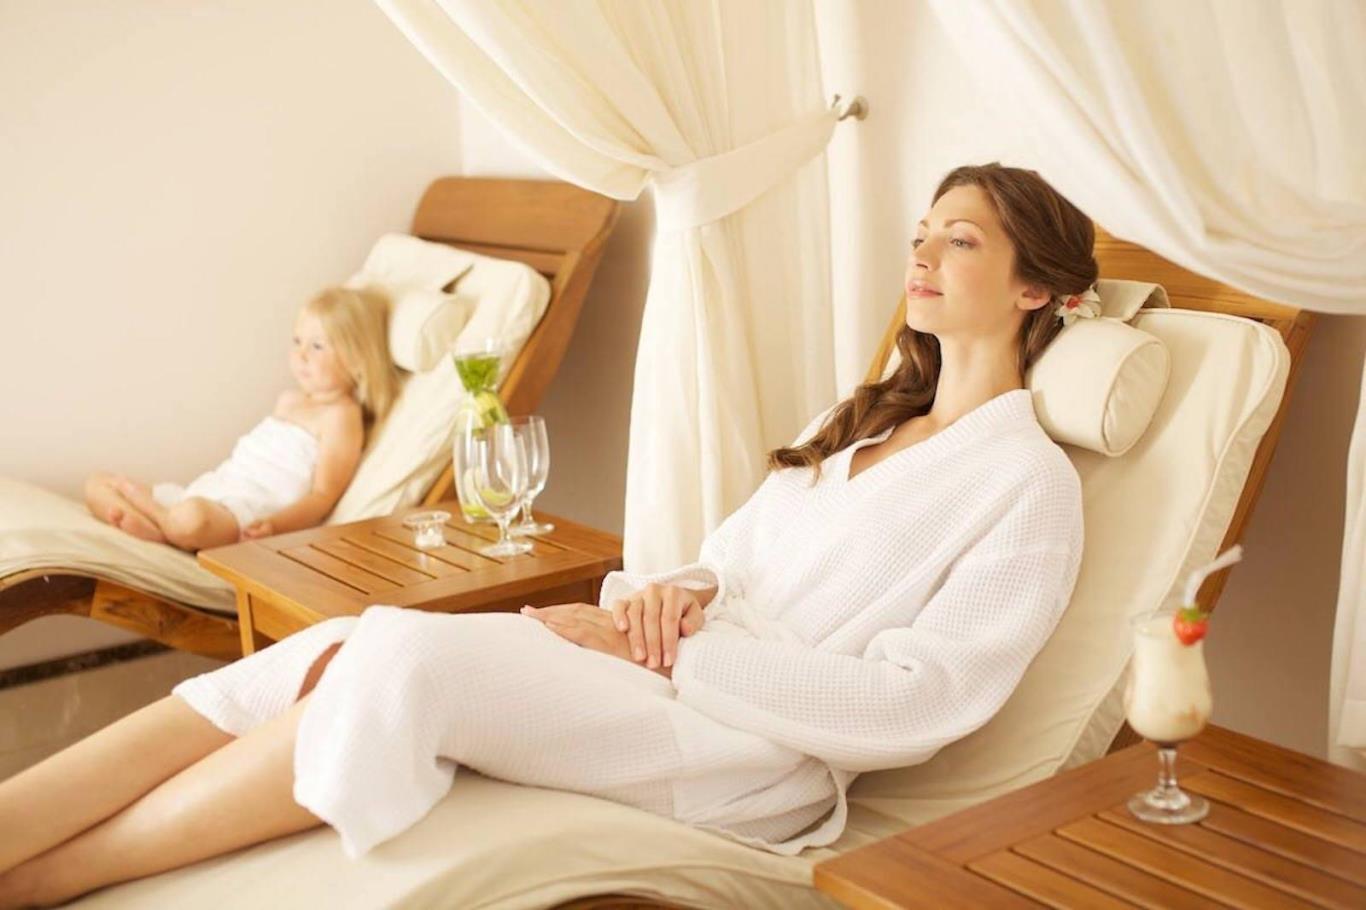 , Tận hưởng thời gian ở nhà như đi nghỉ dưỡng thế nào?